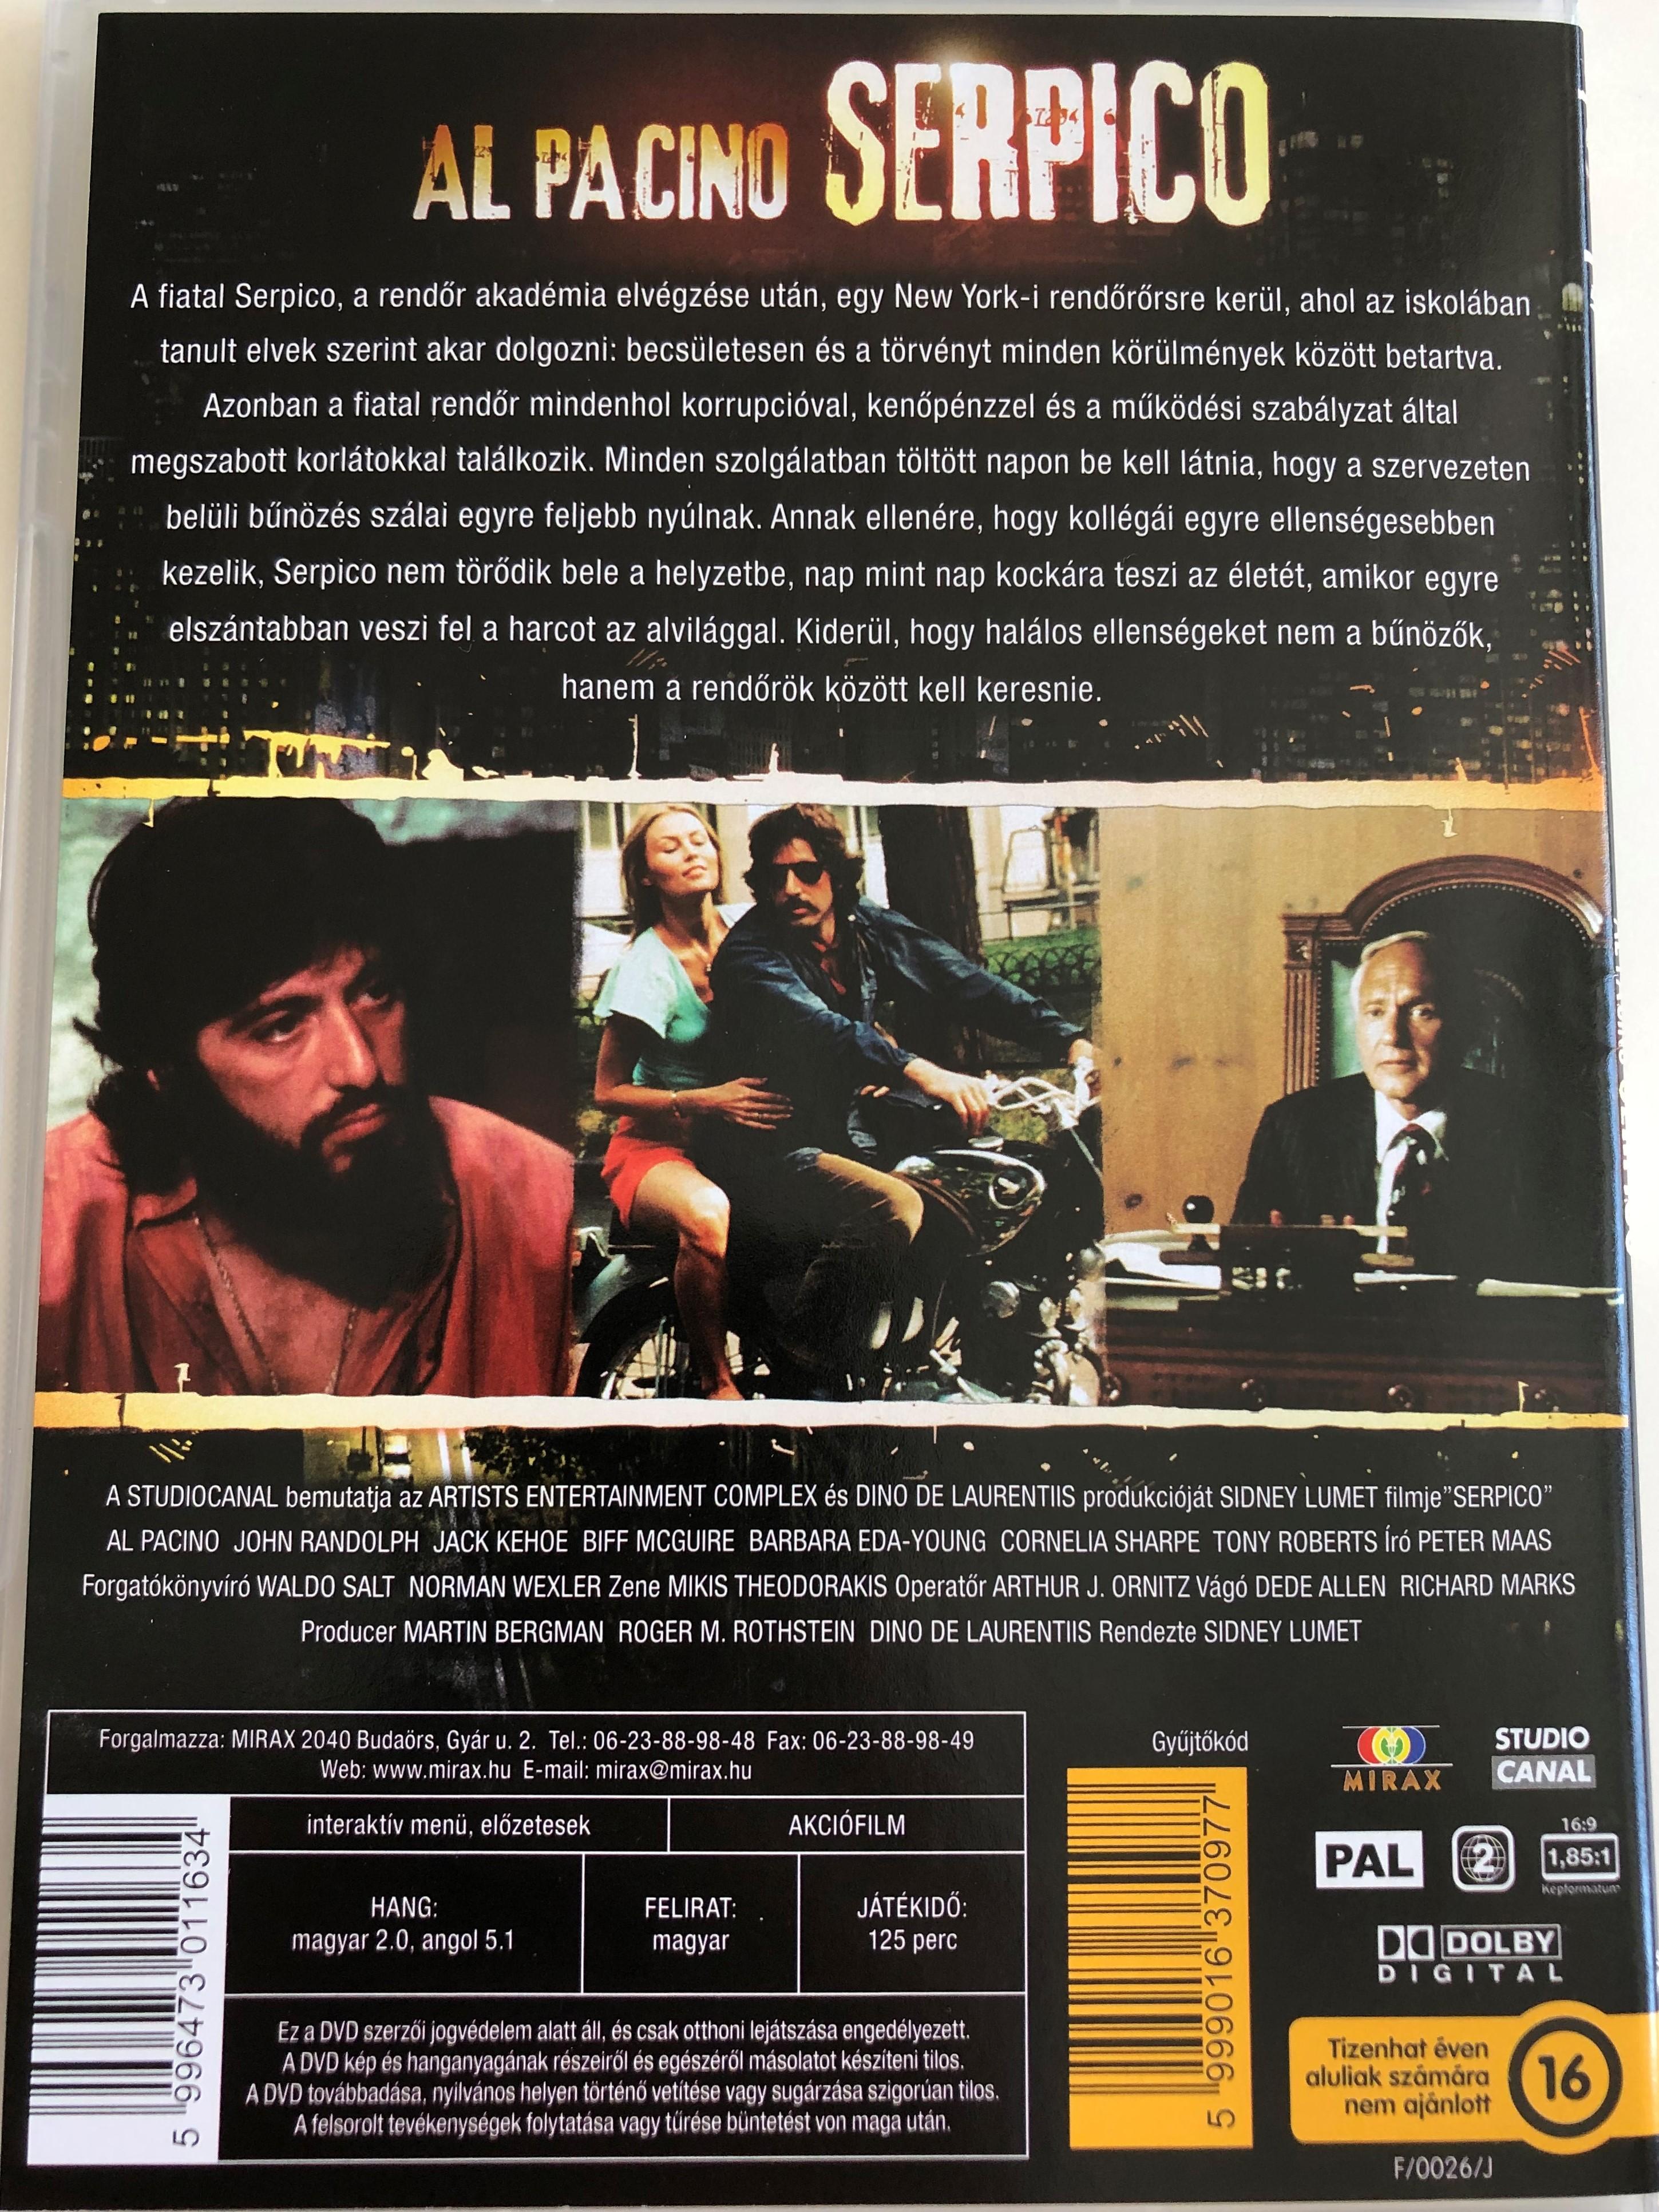 serpico-dvd-1973-directed-by-sidney-lumet-starring-al-pacino-john-randolph-jack-kehoe-biff-mcguire-barbara-eda-young-2-.jpg